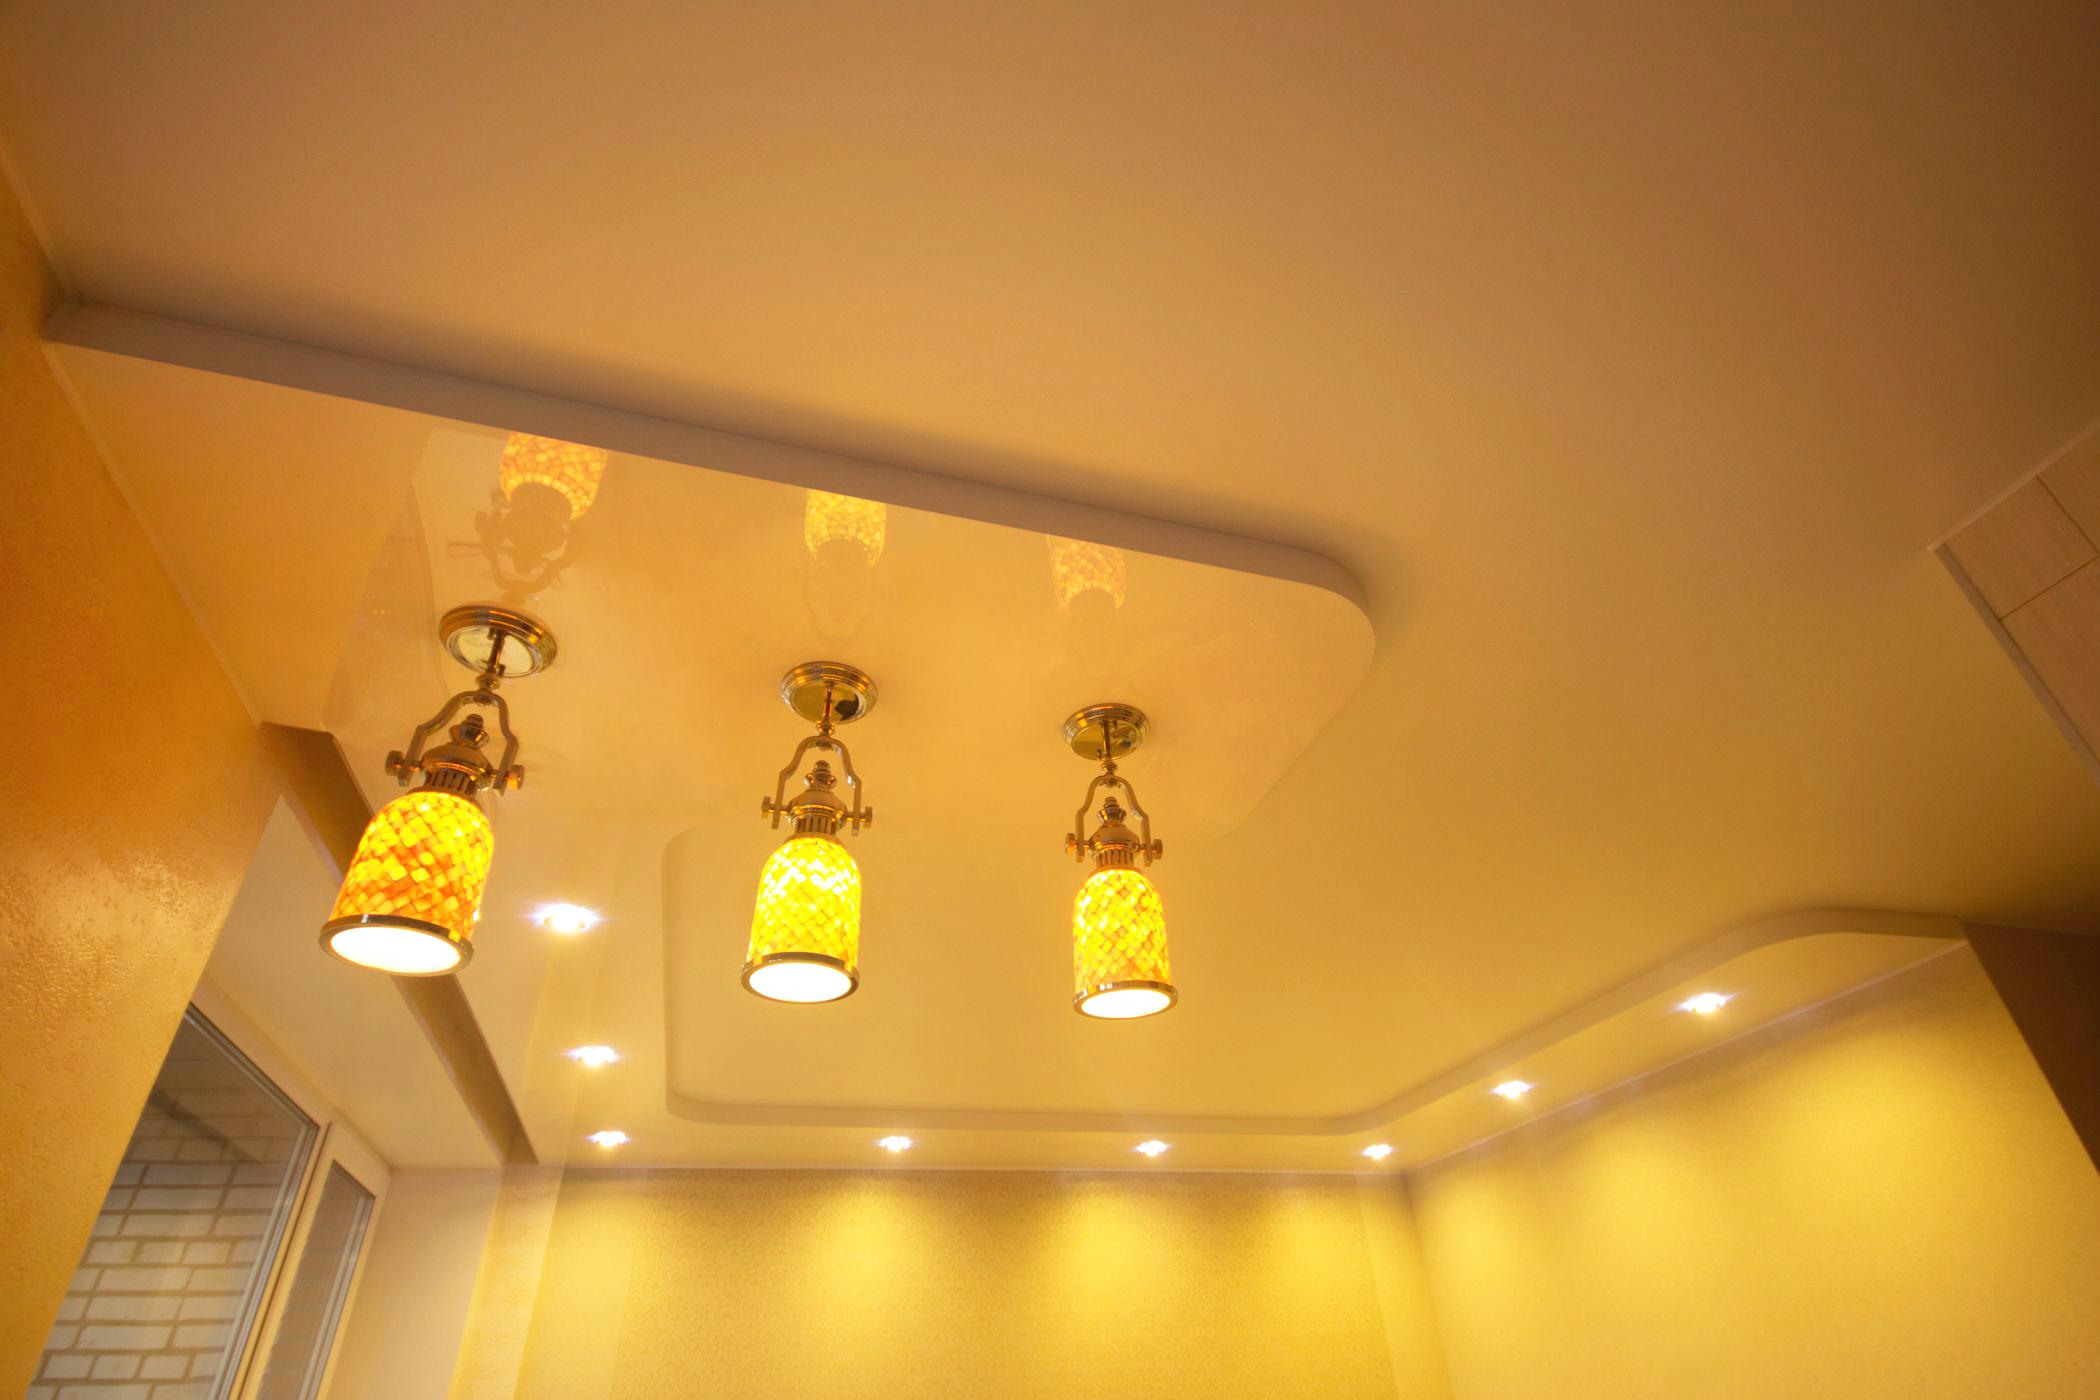 Двухуровневый натяжной потолок со светодиодными светильниками и подвесами